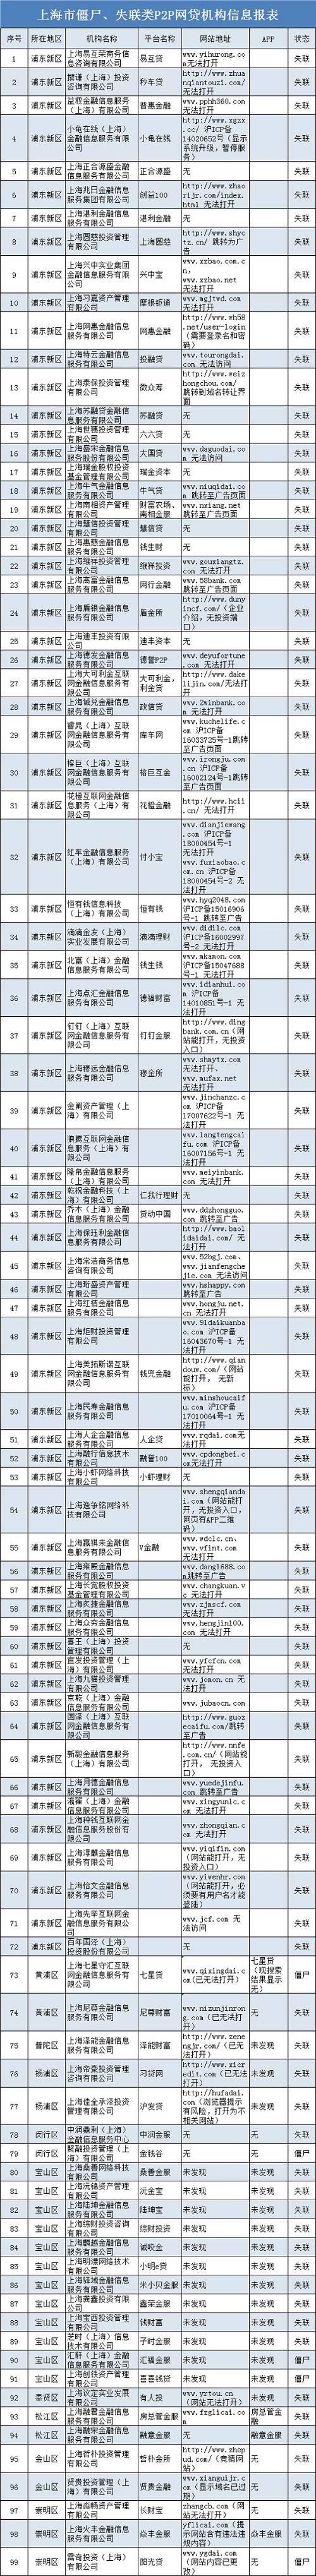 """上海放大招! """"一口气""""公布99家僵尸、失联类网贷!更"""